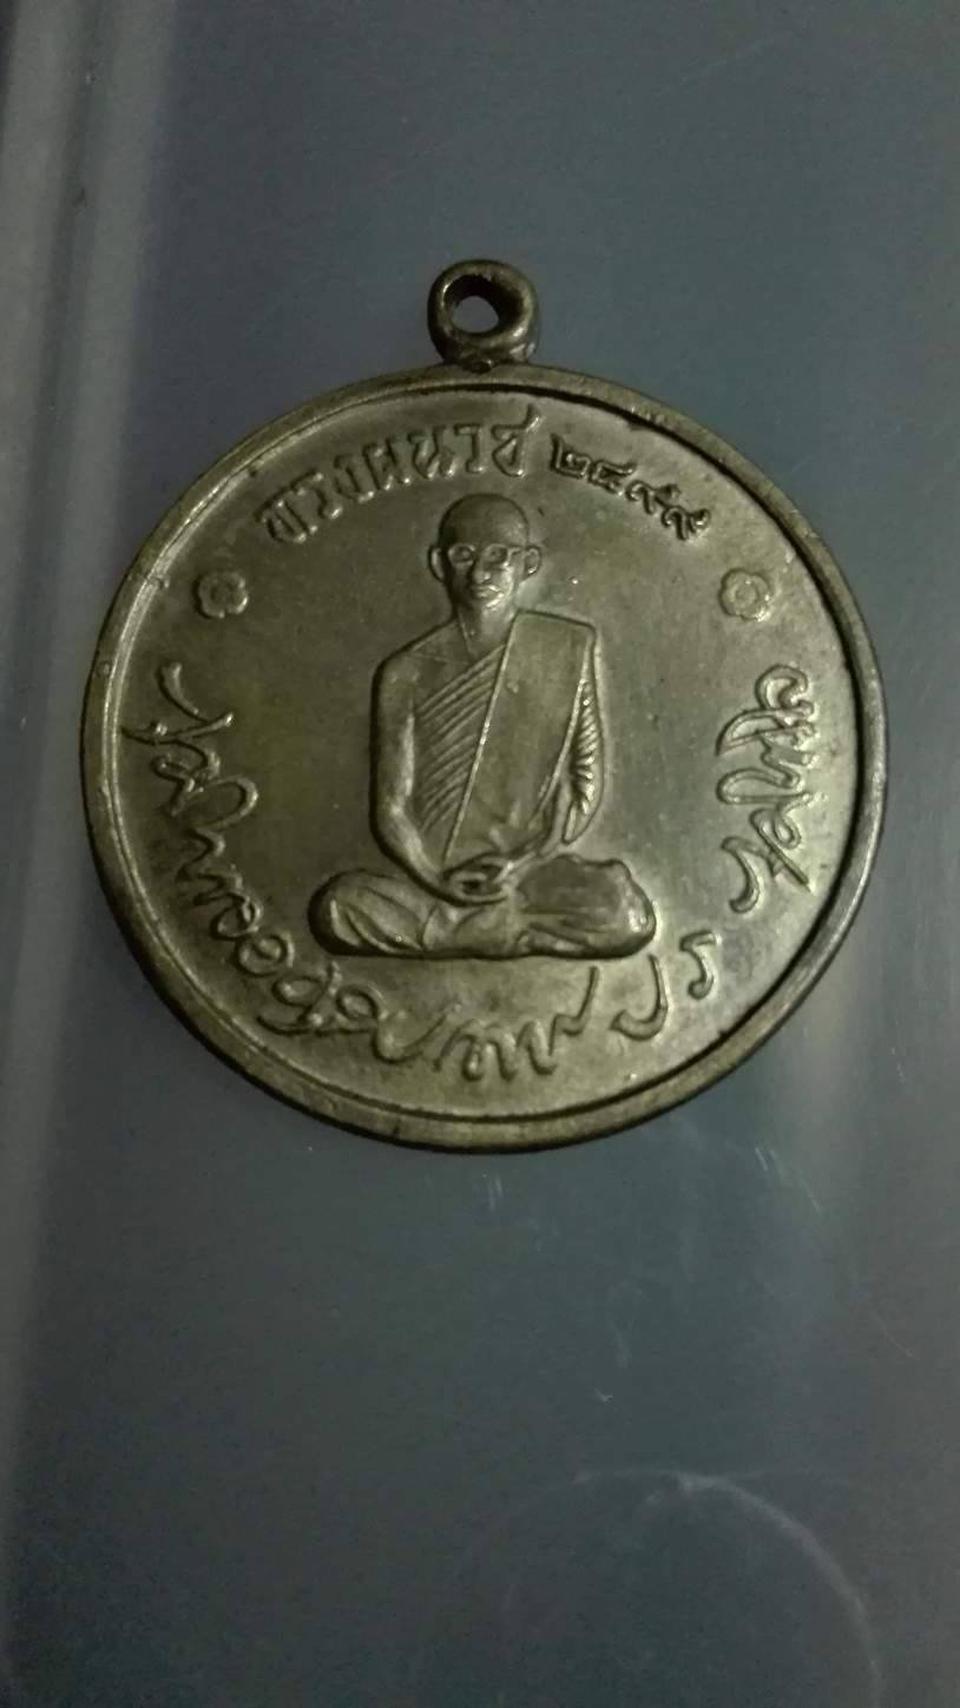 เหรียญ ทรงผนวช ร.9 ปี2508 เนื้ออัลปาก้า วัดบวรนิเวศวิหาร รูปที่ 3